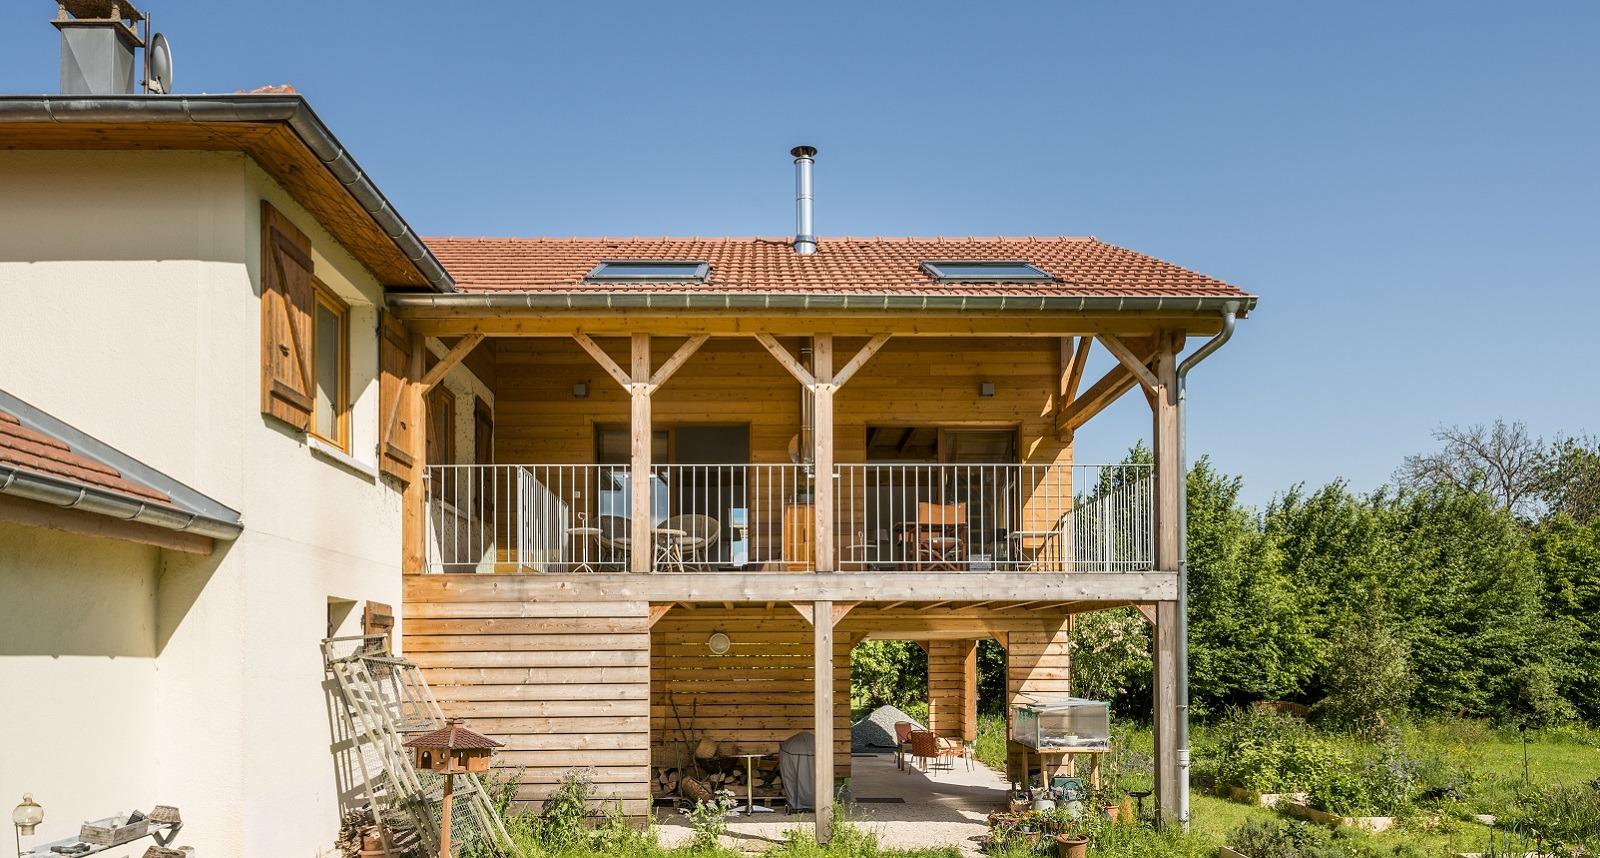 Construire Une Terrasse En Bois Surelevee extension bois sur pilotis comment ça marche ? - agrandir ma